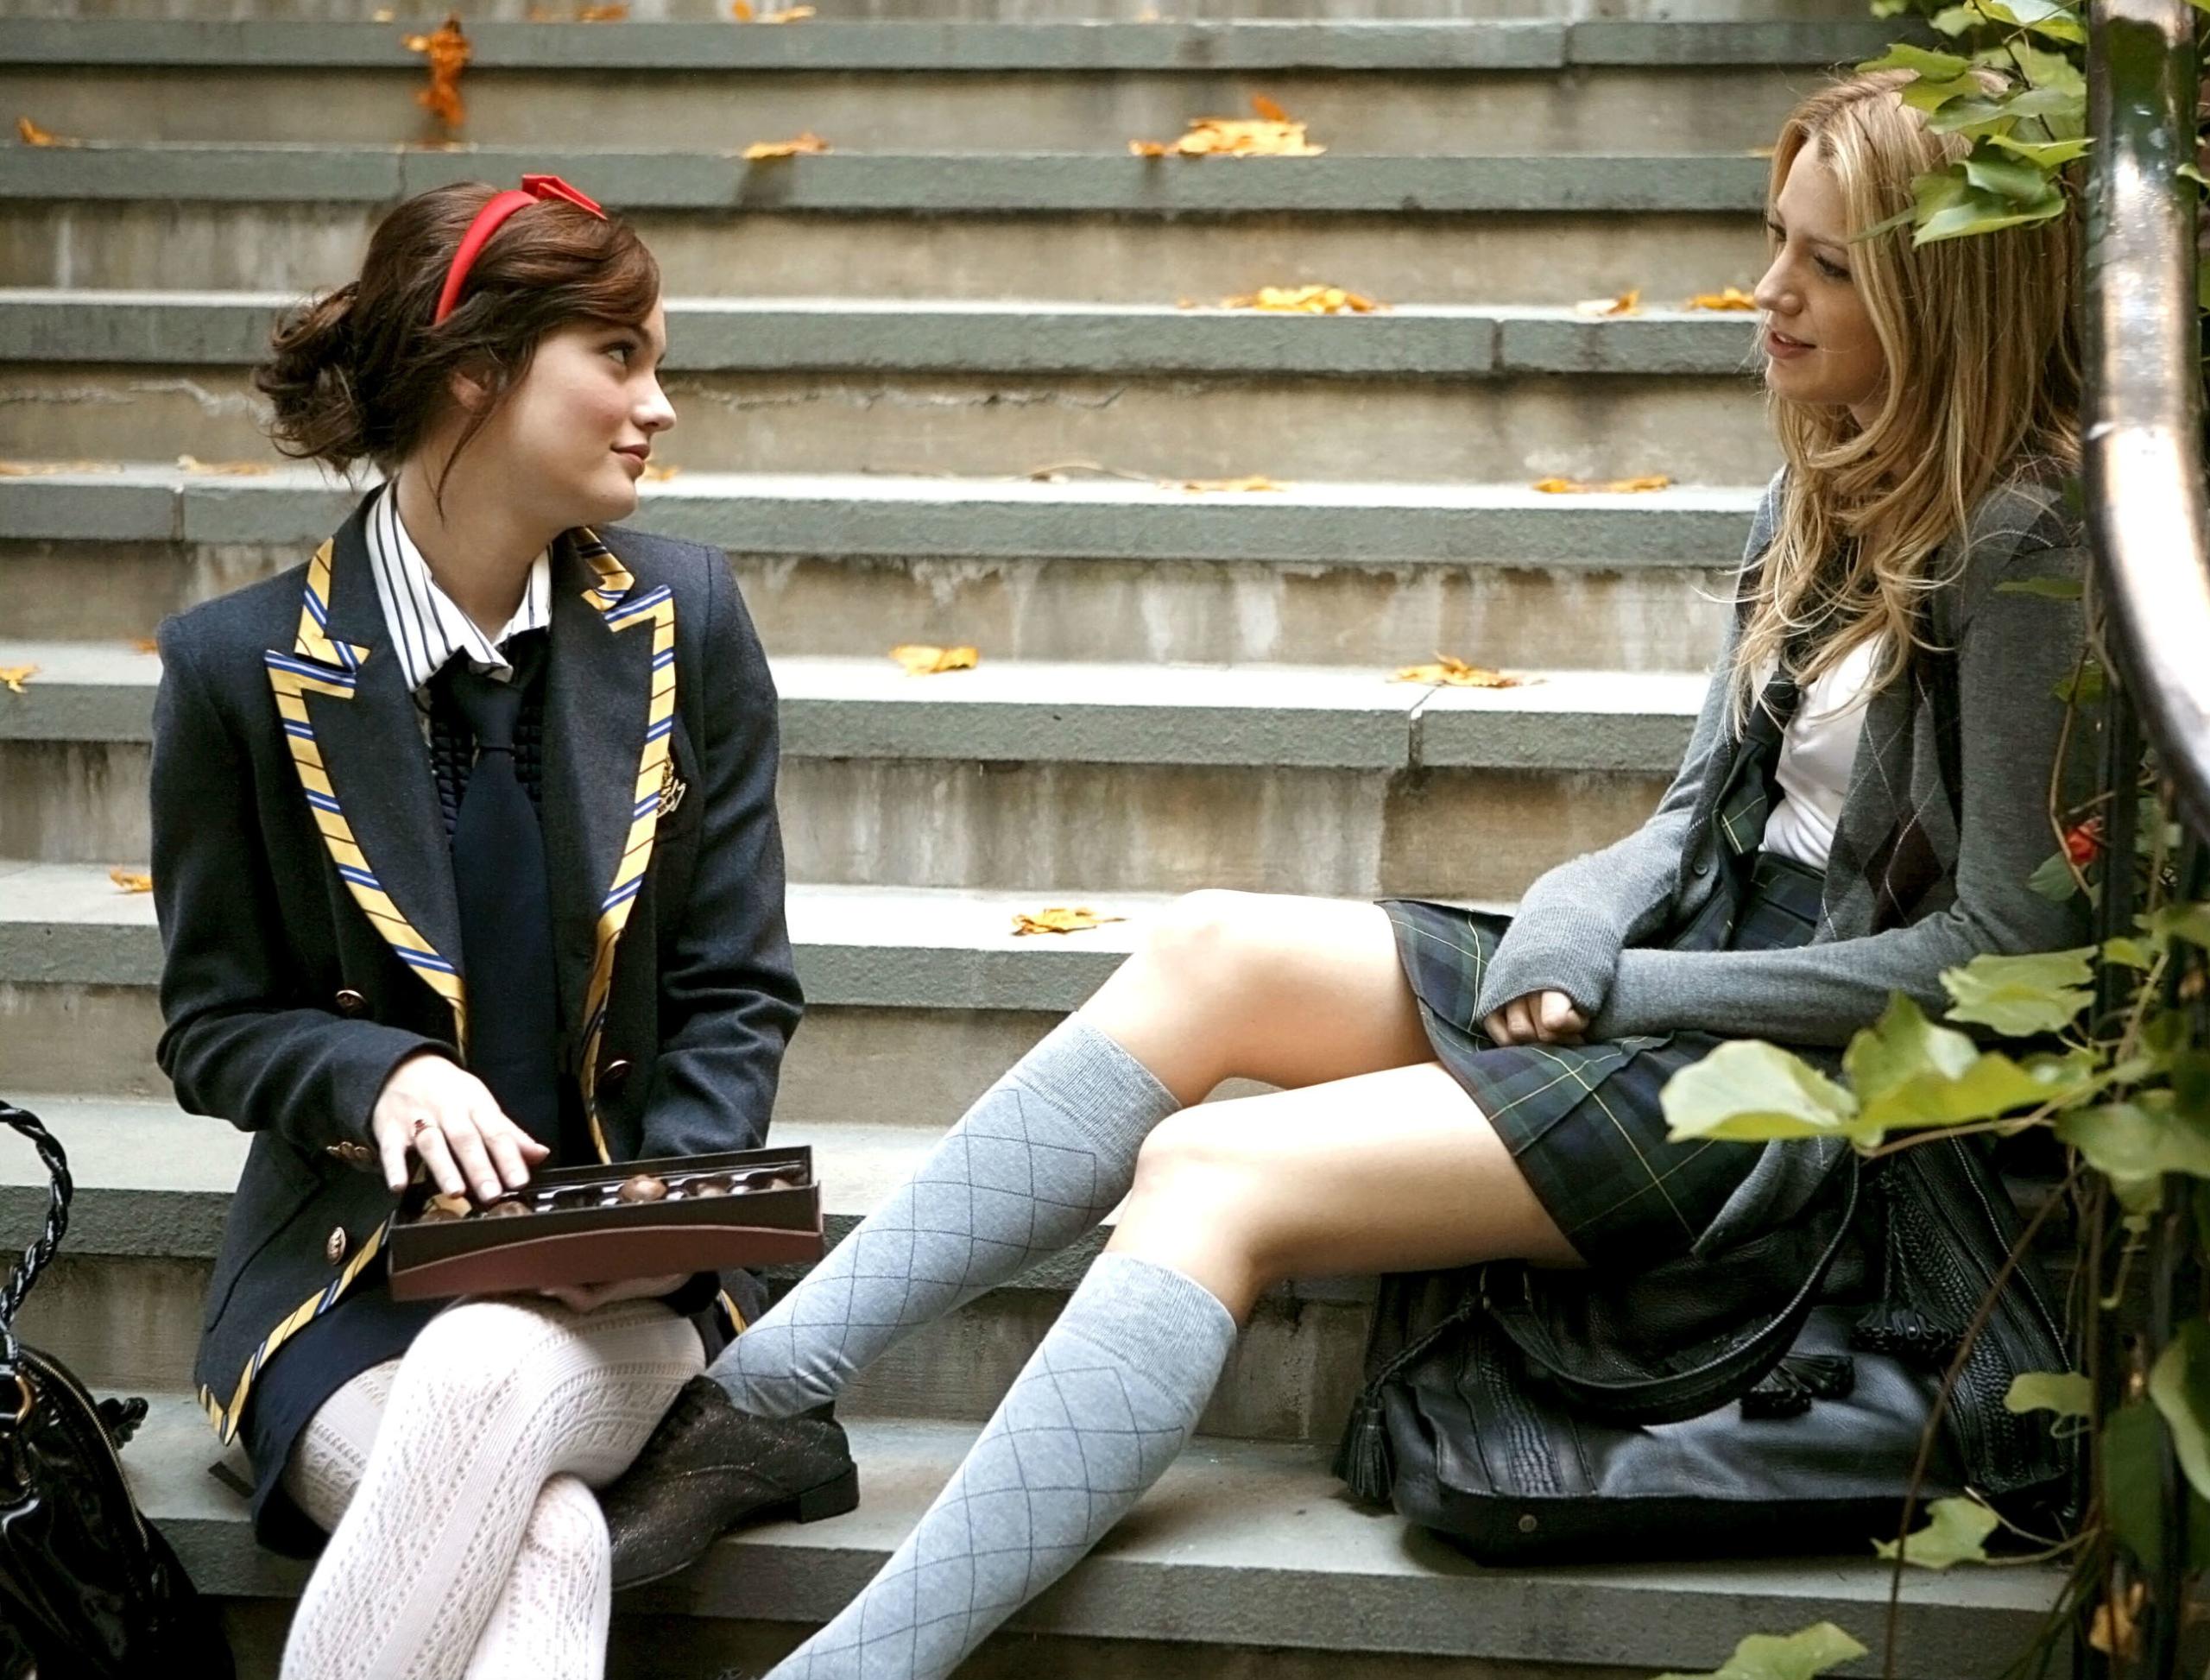 """10 looks de """"Gossip Girl"""" que la convierten en la serie por excelencia para fashionistas"""